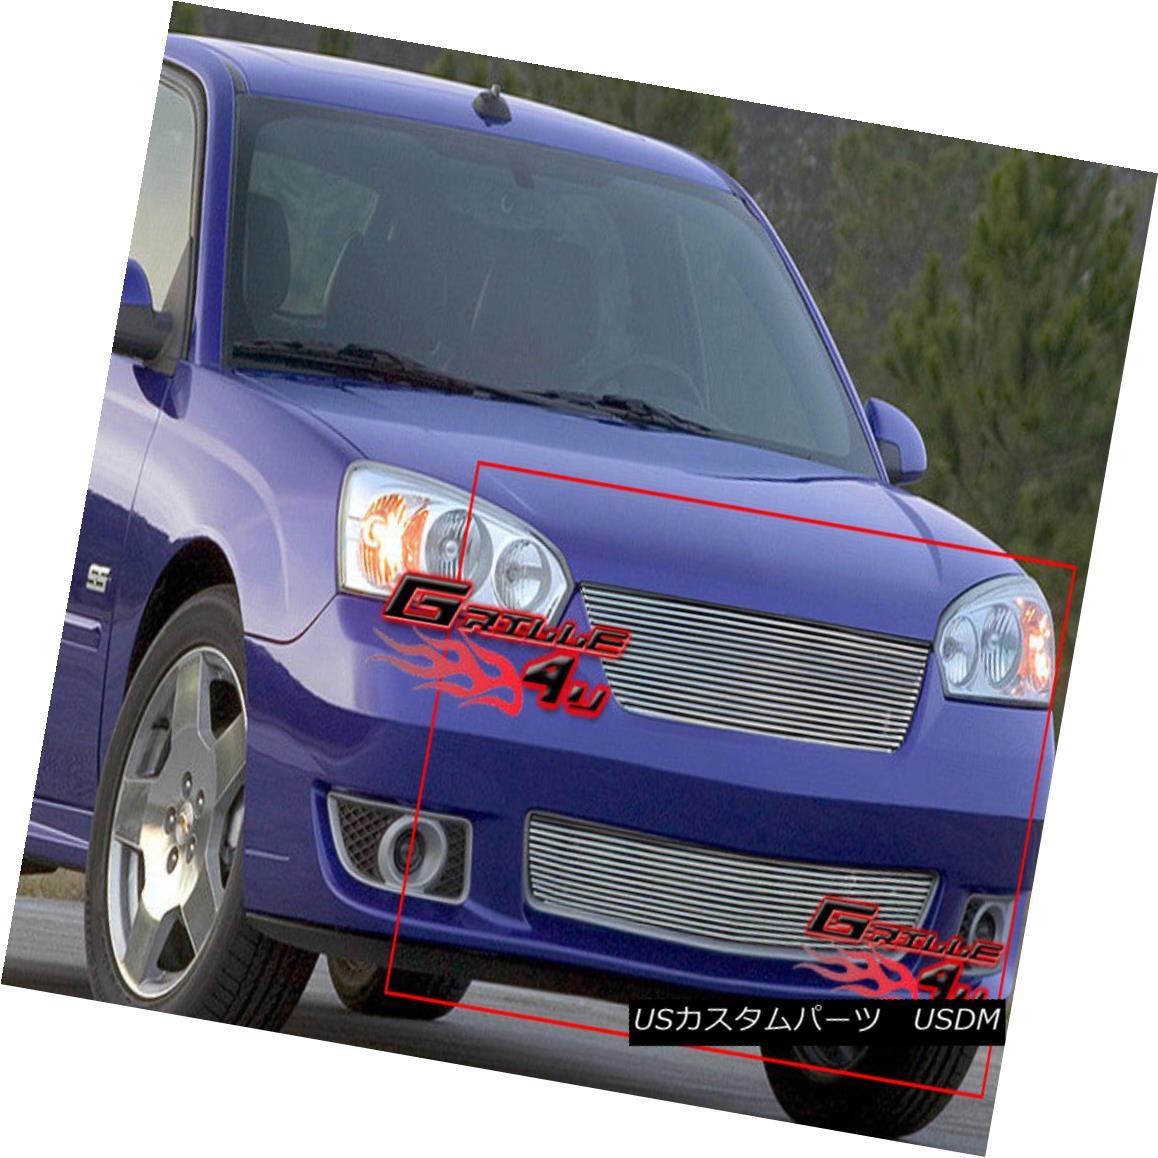 グリル Fits 2006-2007 Chevy Malibu SS/ LT/ LS Main Upper Billet Grille Insert 2006-2007 Chevy Malibu SS / LT / LSメインアッパービレットグリルインサートに適合